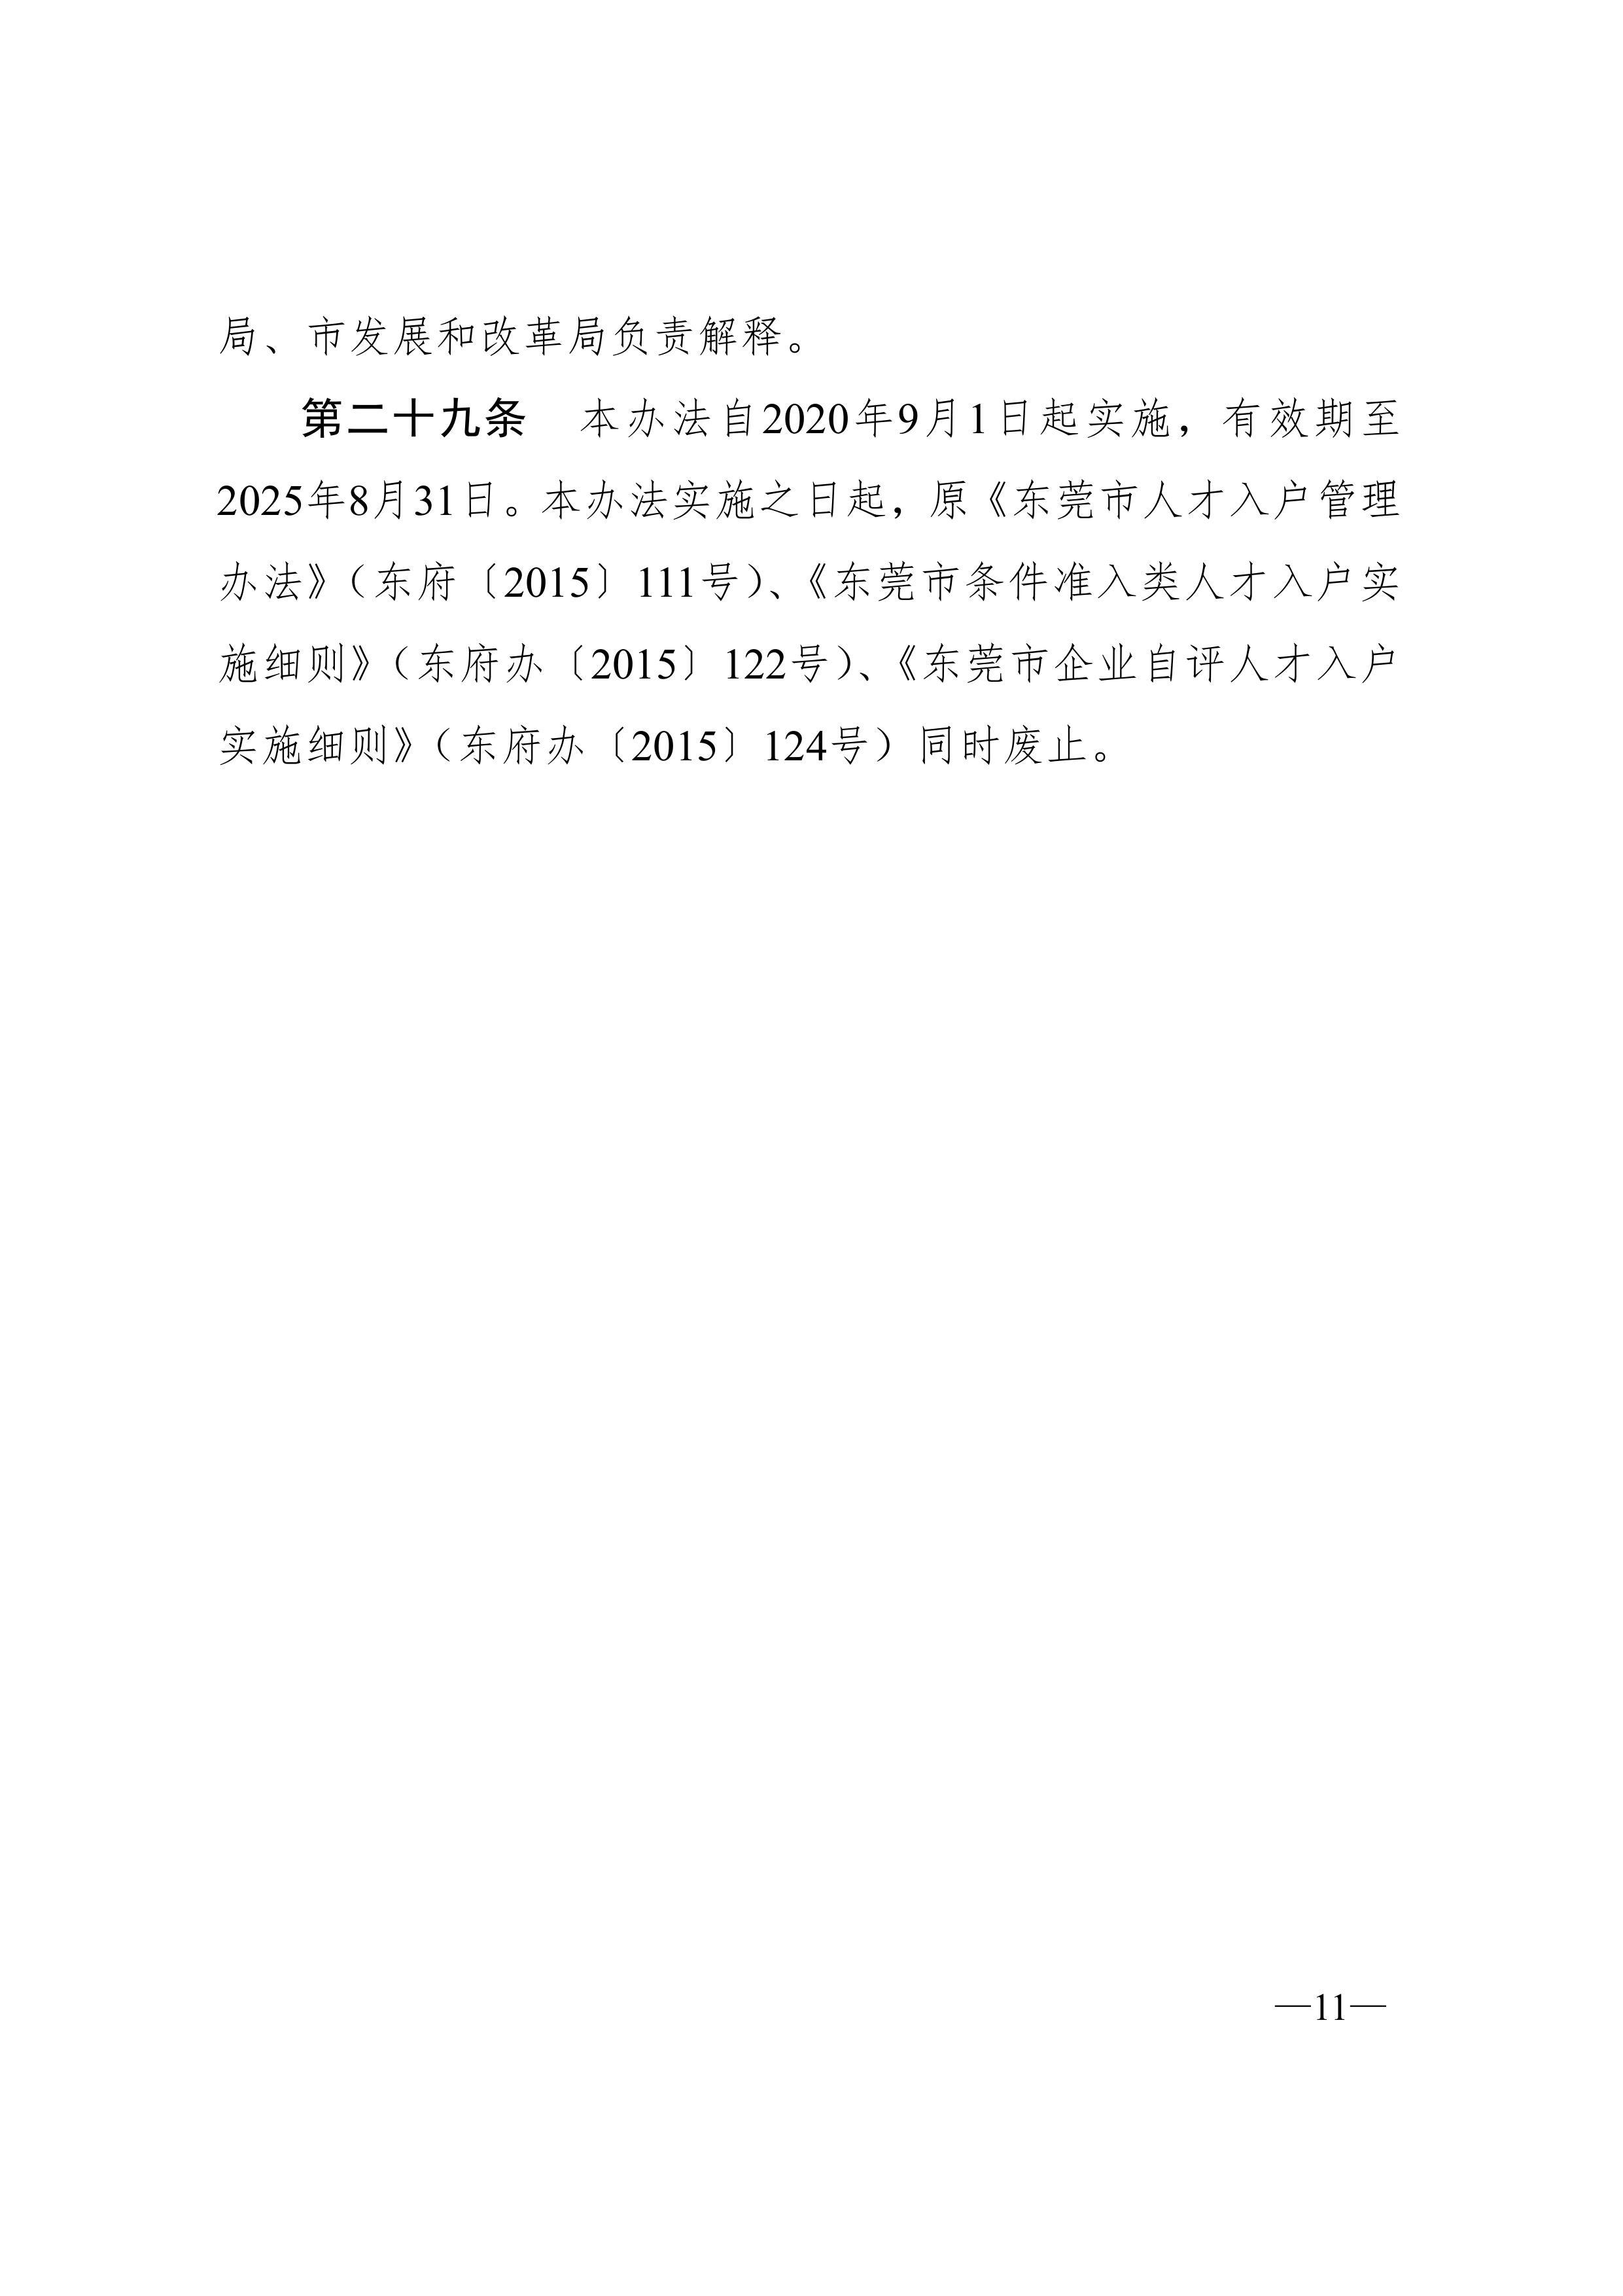 第11页.jpg